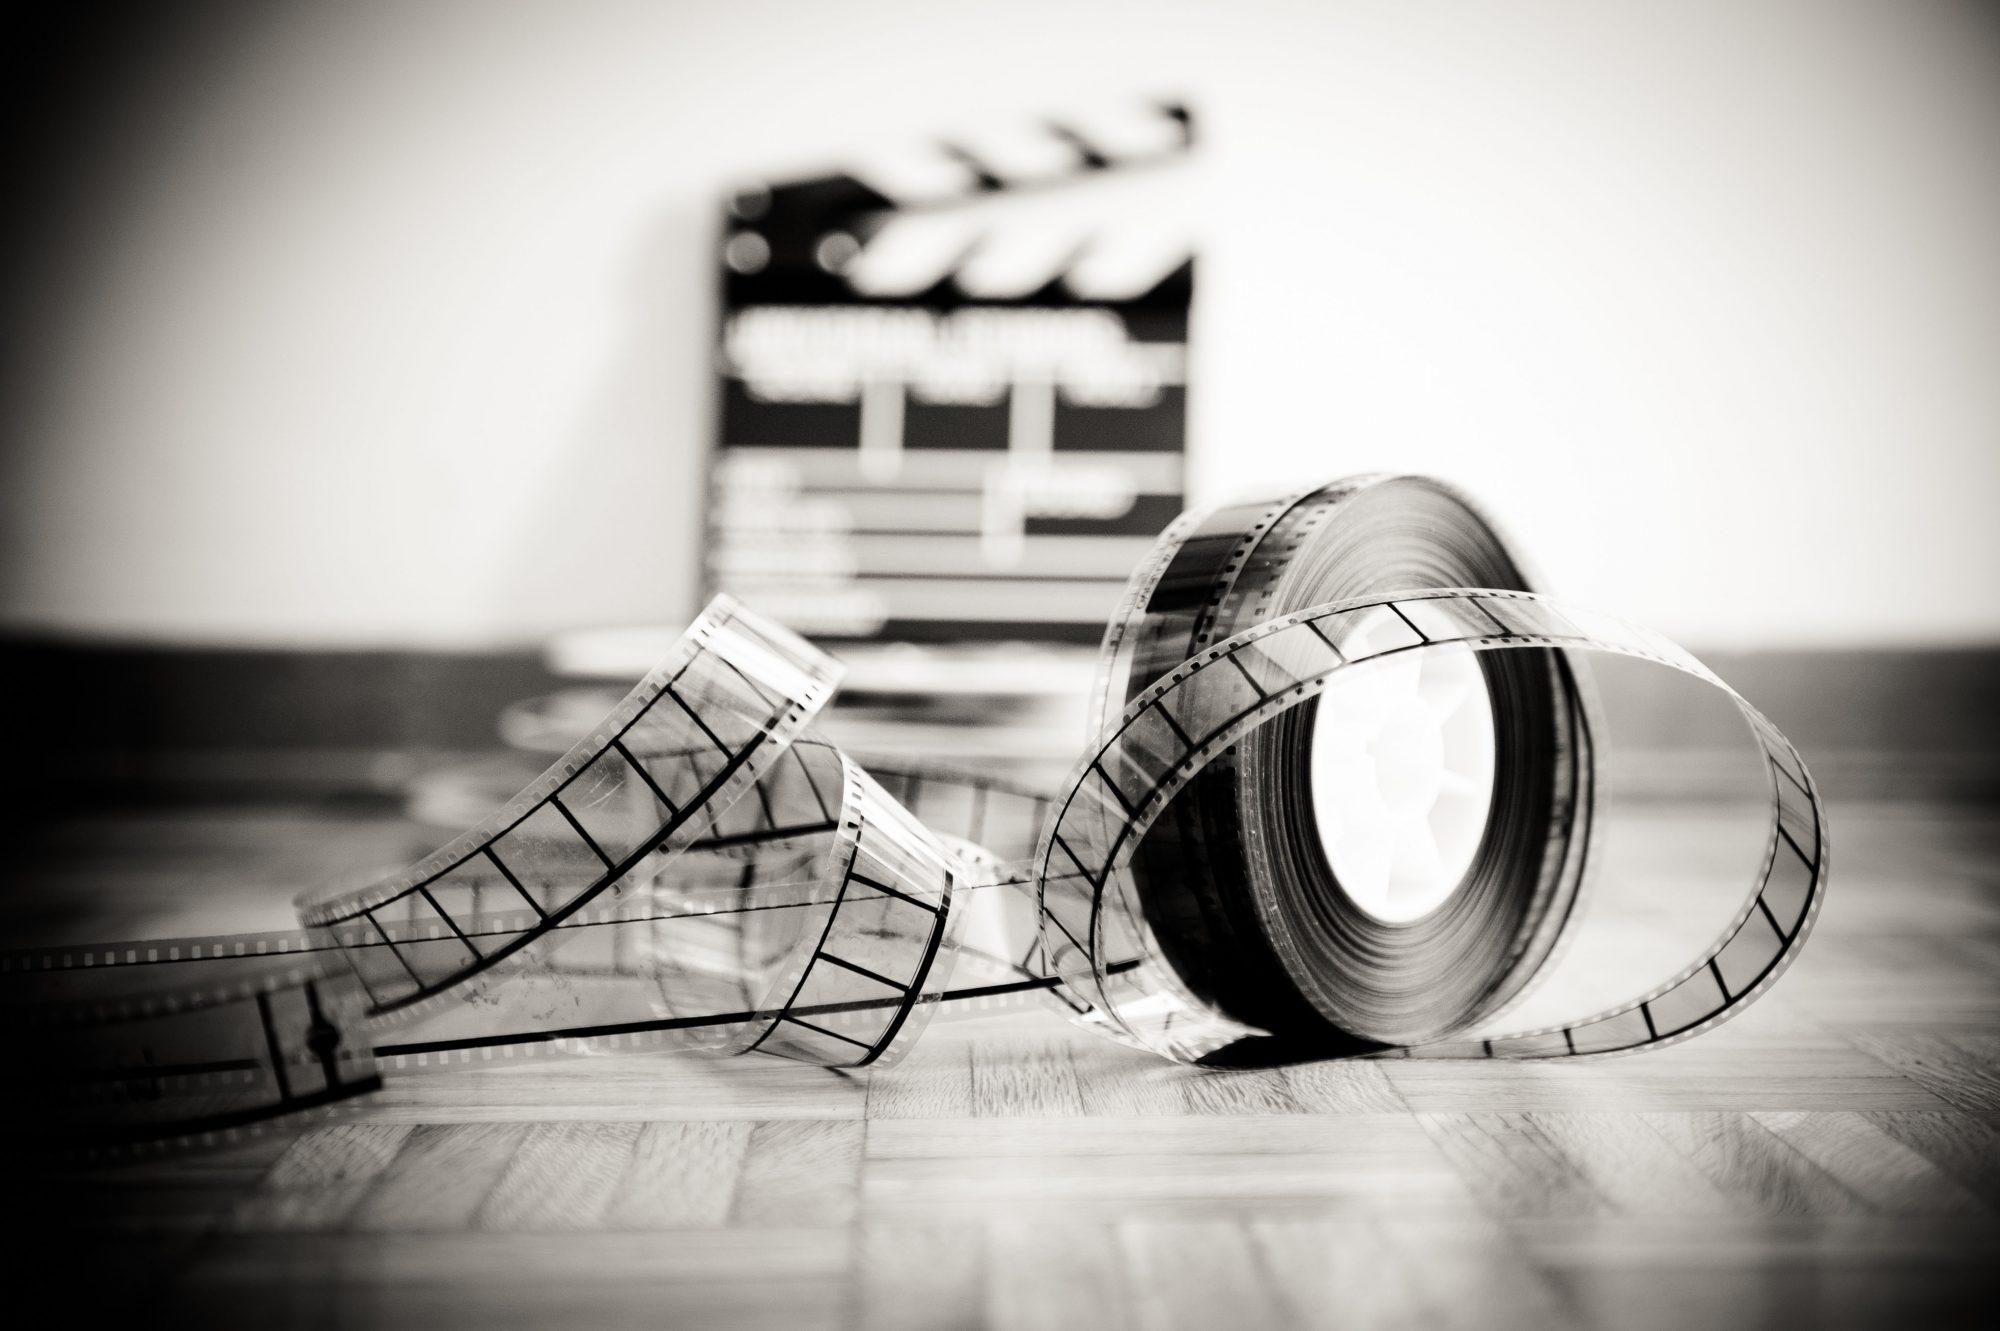 Maroc: 22ème Festival du Cinéma Africain de Khouribga du 28 mars au 4 avril 2020